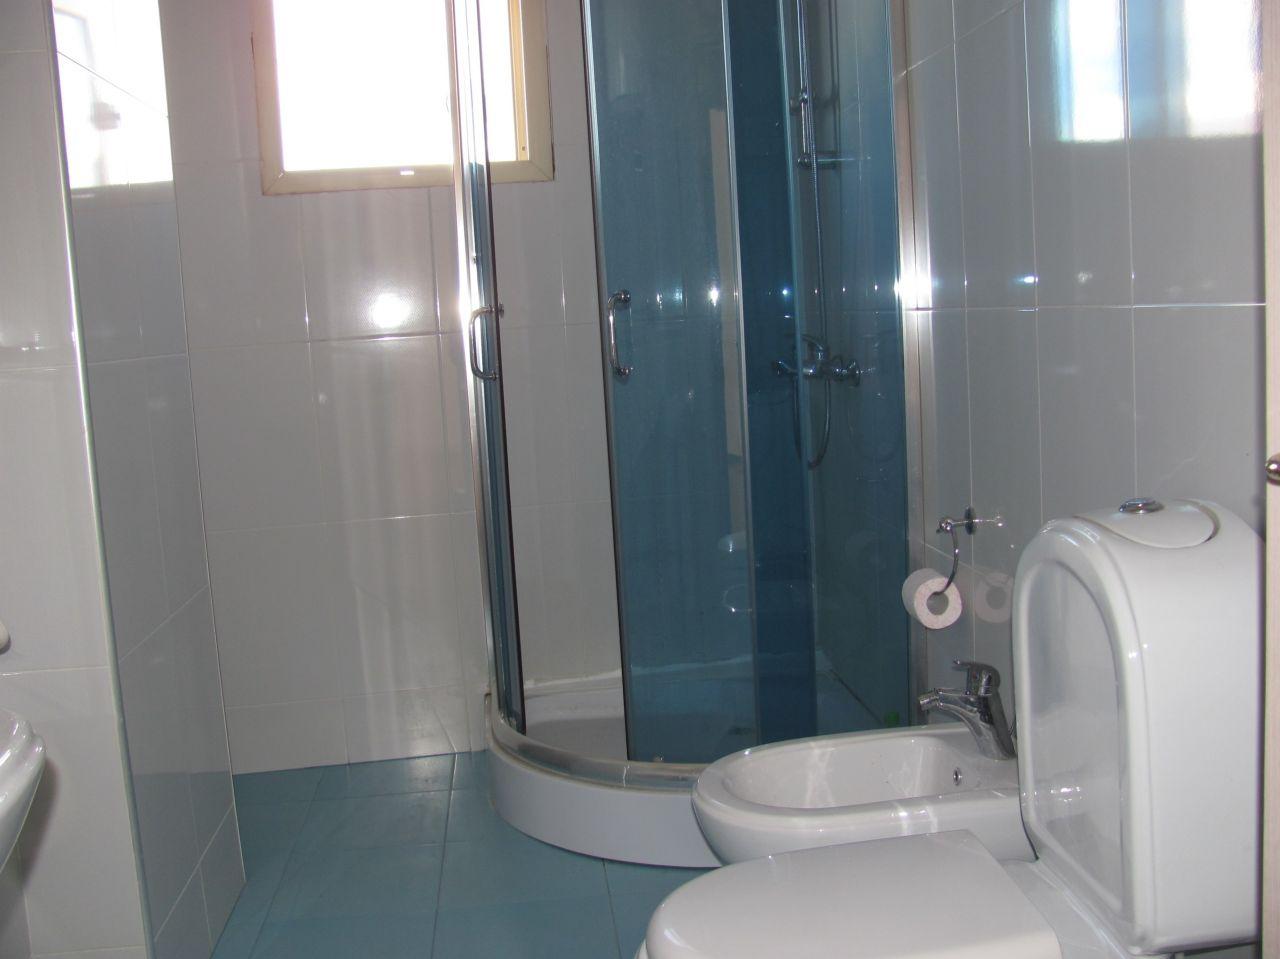 Apartment in Tirana - 135m2